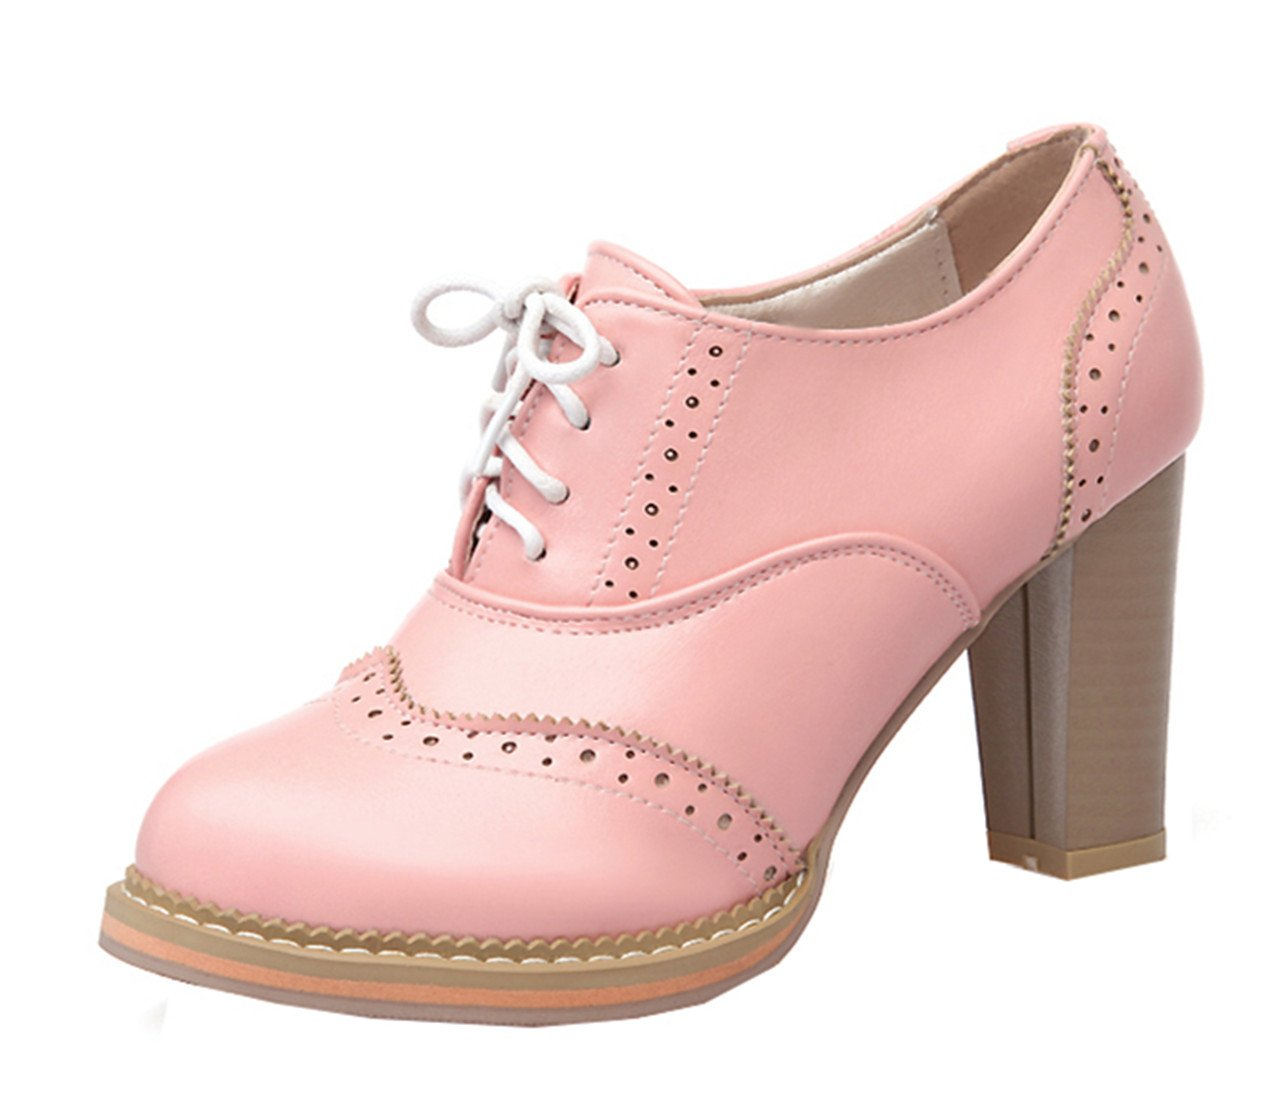 YE Damen High Heels Retro Suuml;szlig;e Geschlossene Zehe Pumps mit Blockabsatz Brogue Fruuml;hling Herbst Schnuuml;rhalbschuhe Casual Shoes35 EU|Pink